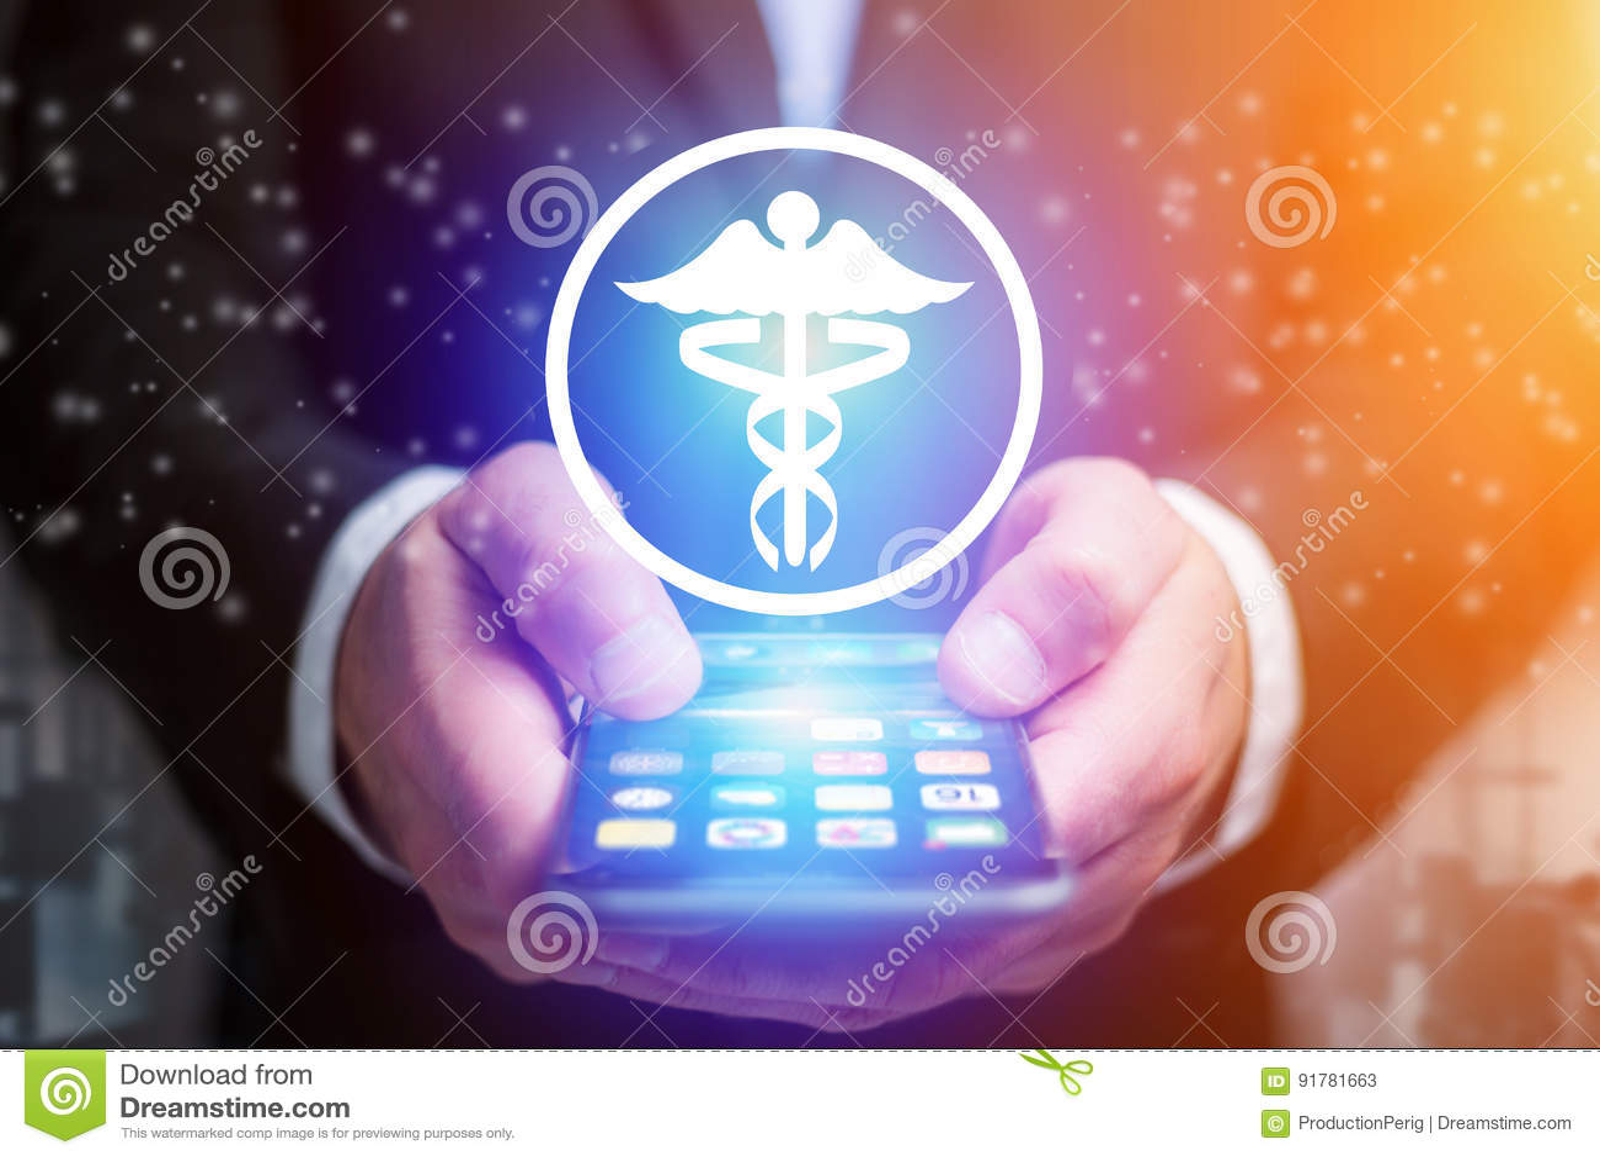 Icône de pharmacie sortant une interface de smartphone d un homme d affaires